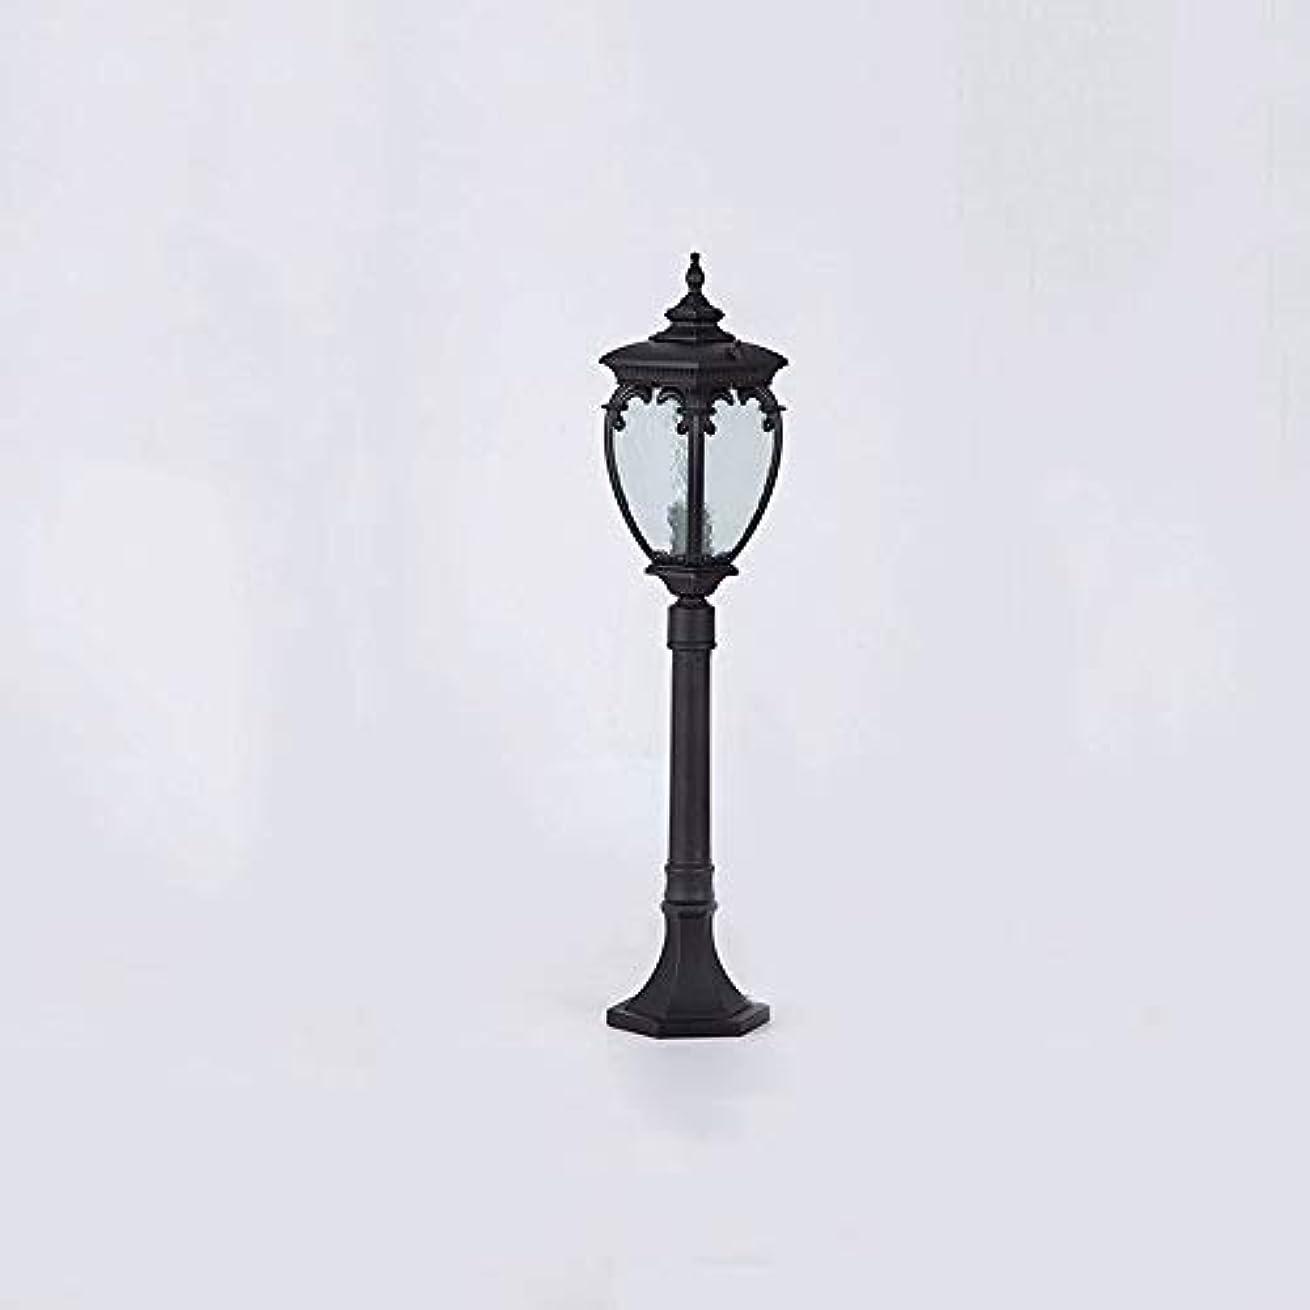 ソケット最初篭Pinjeer ヴィンテージ黒高さ87センチe27屋外街路灯ライトヨーロッパアンティークip54防水金属アルミガラス柱ライトコミュニティガーデン芝生風景装飾列ランプ